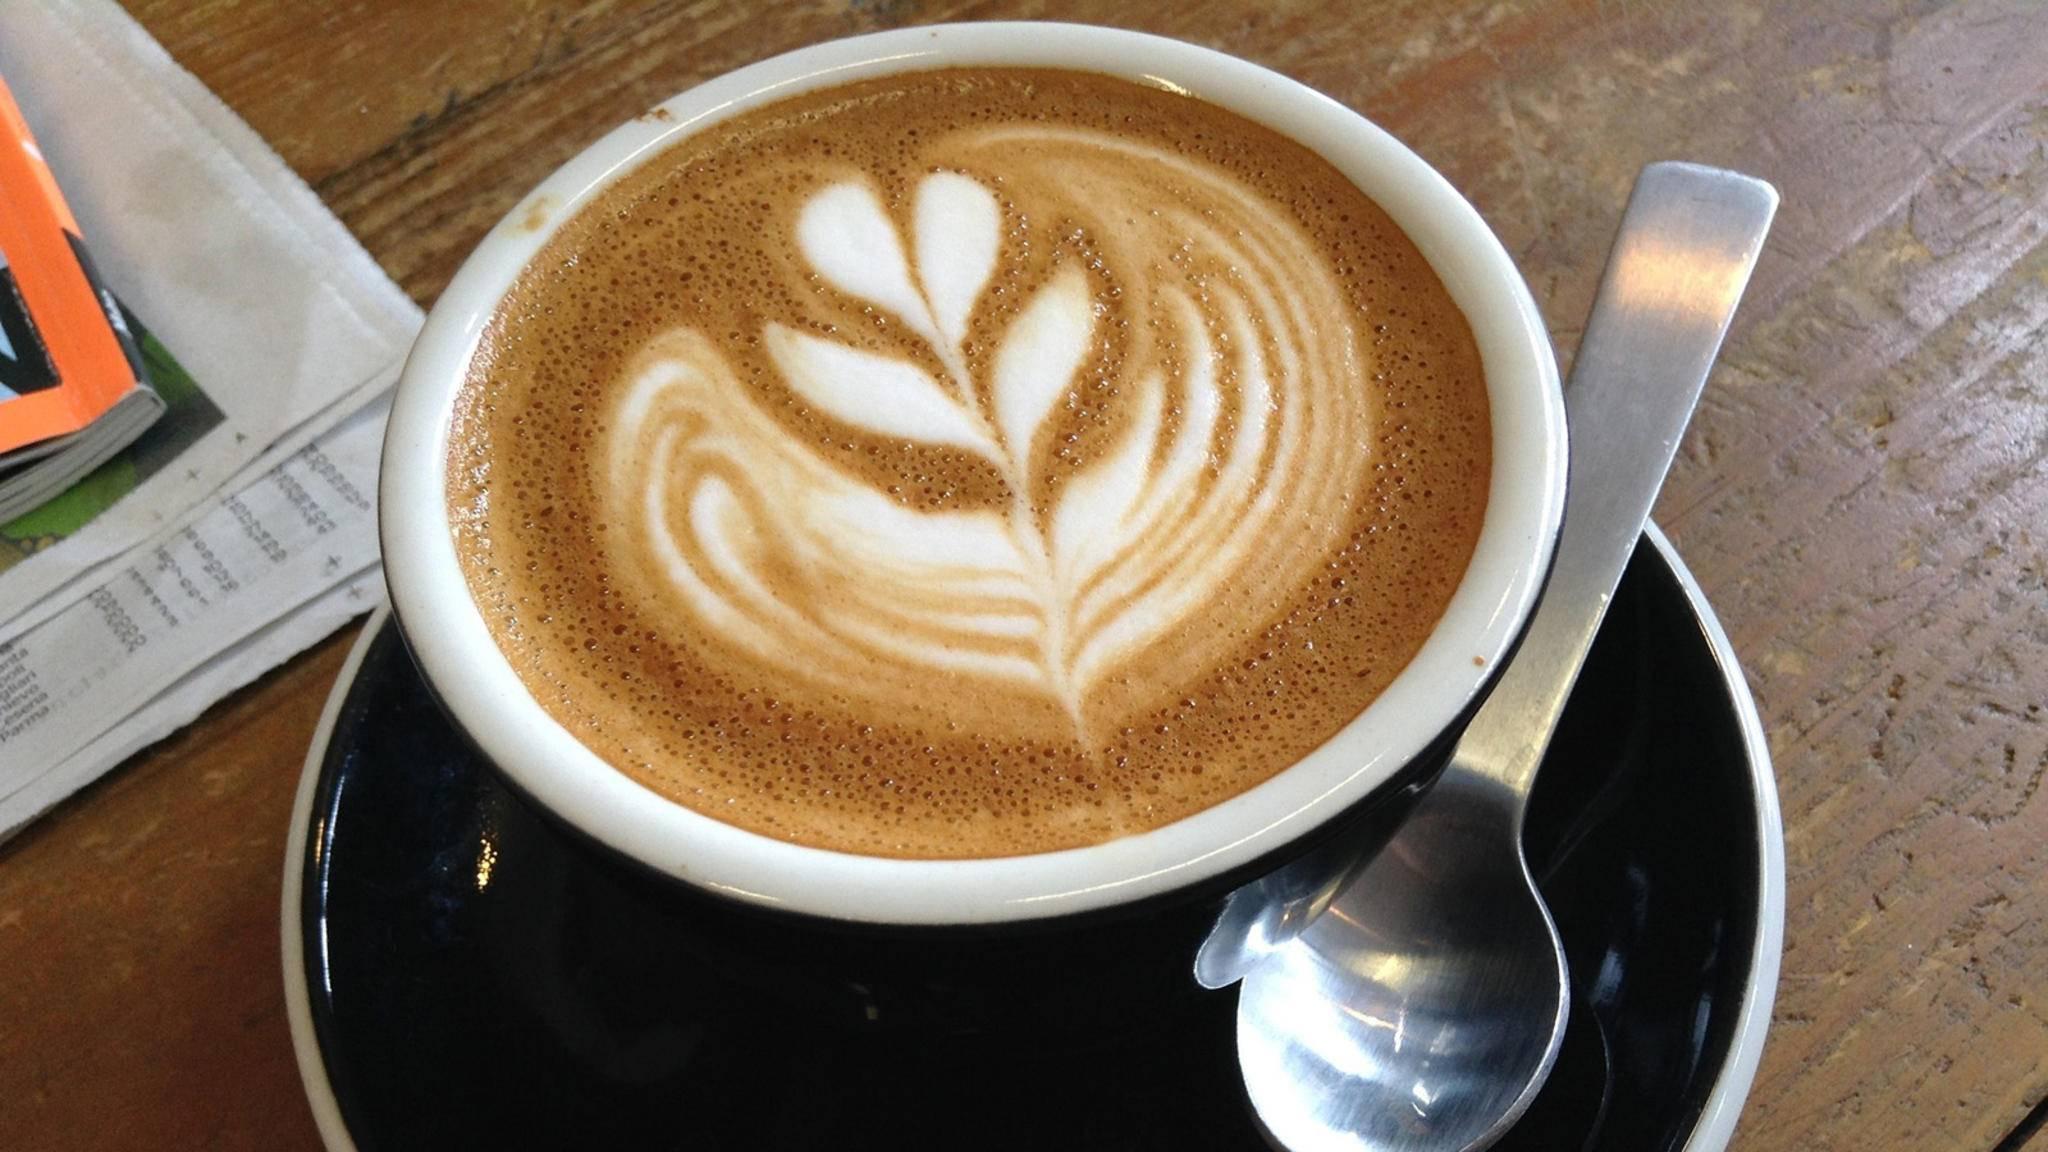 Bei der sogenannten Latte Art dreht sich alles ums kunstvolle Verzieren von Cappuccino und Co.